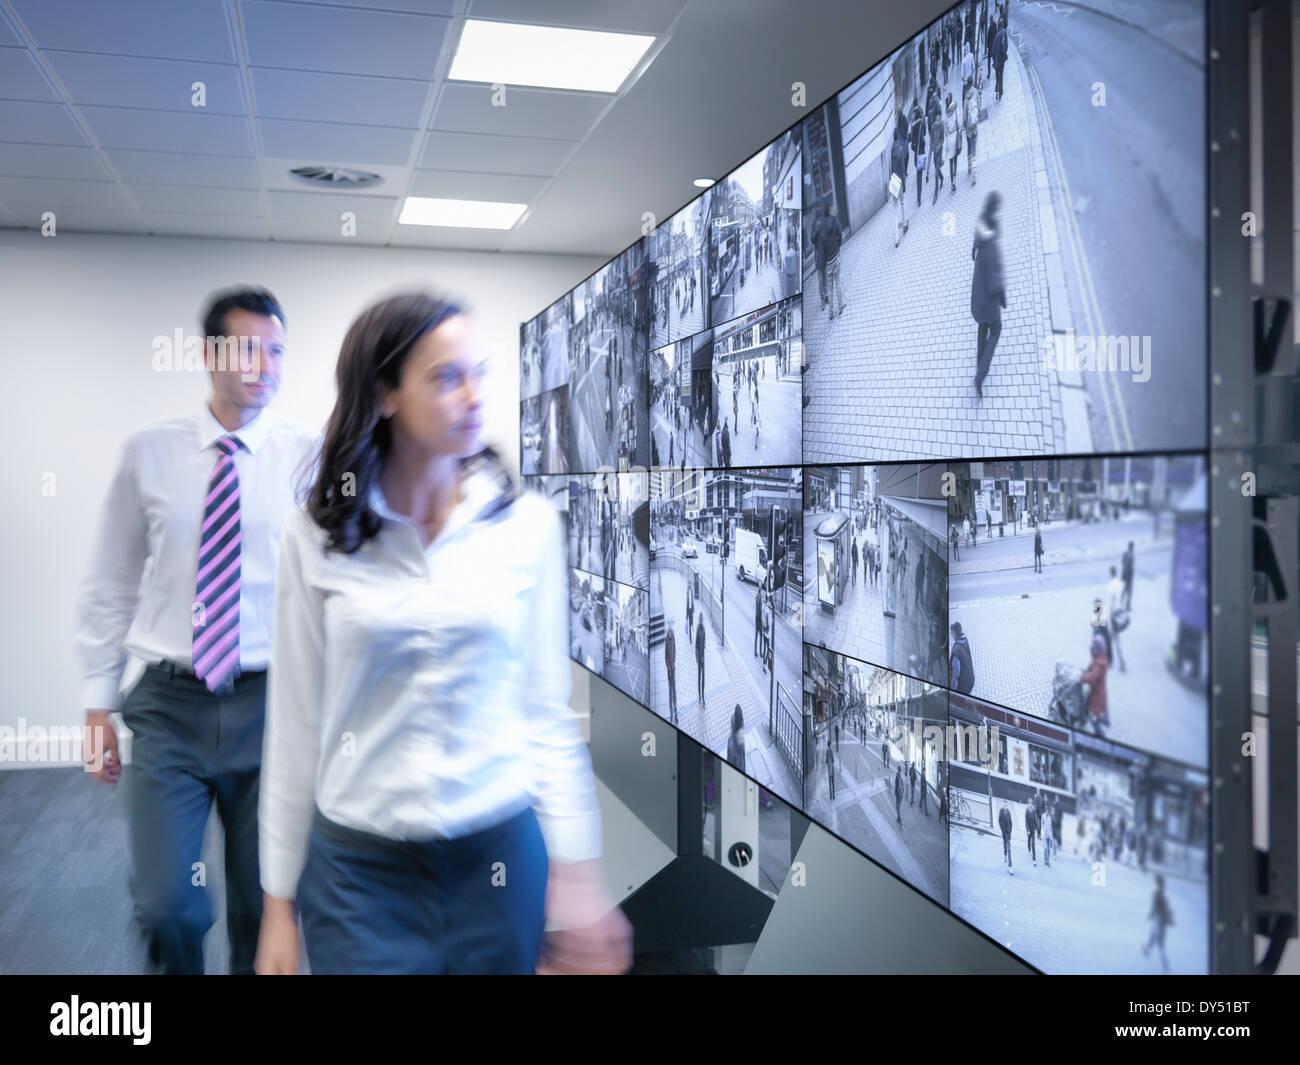 Sicherheitsdienste, vorbei an CCTV-Bildschirme im Kontrollraum Stockbild